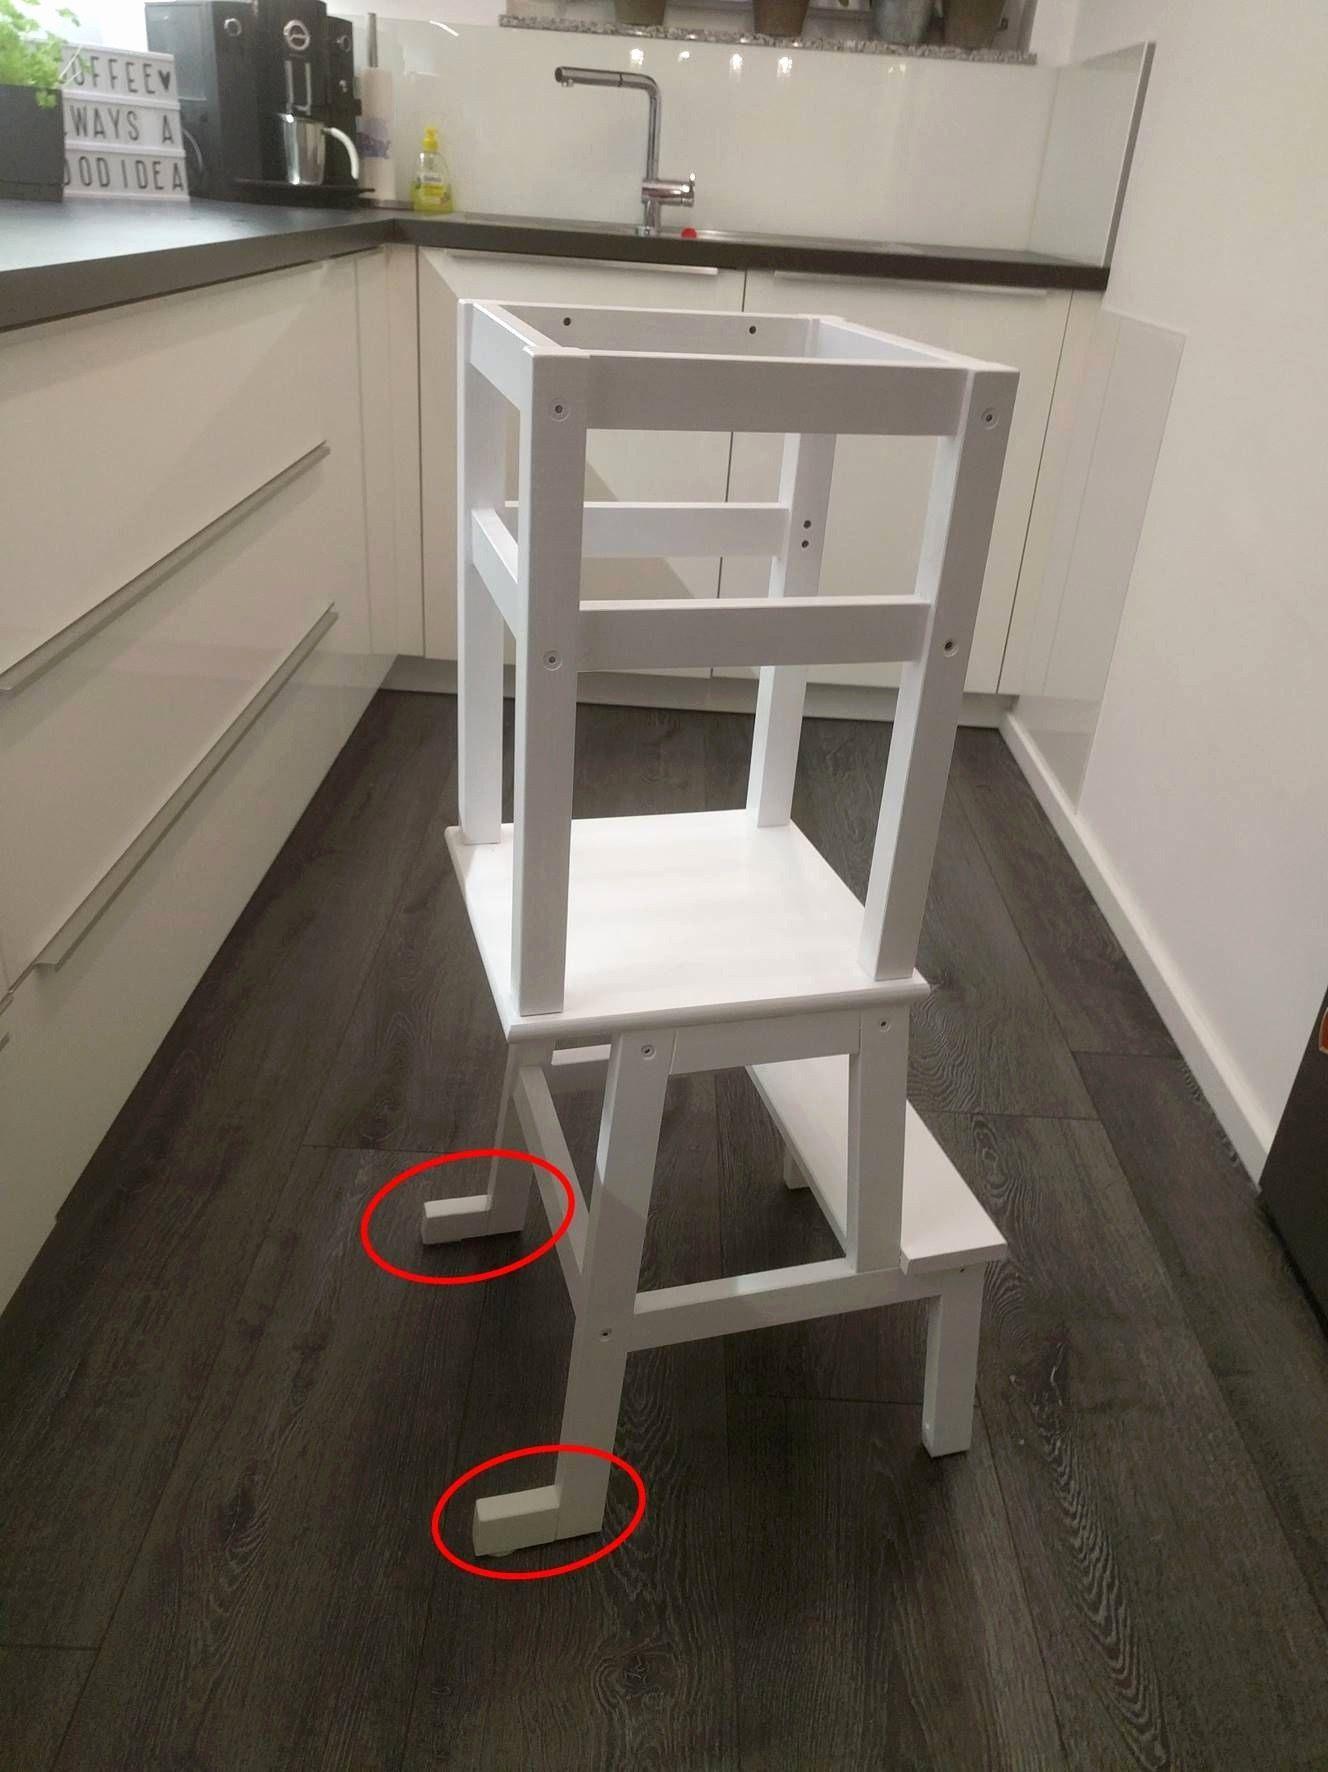 Lit Superposé Alinea Le Luxe Lit Mezzanine Bureau Armoire Lit Mezzanine Avec Bureau Conforama